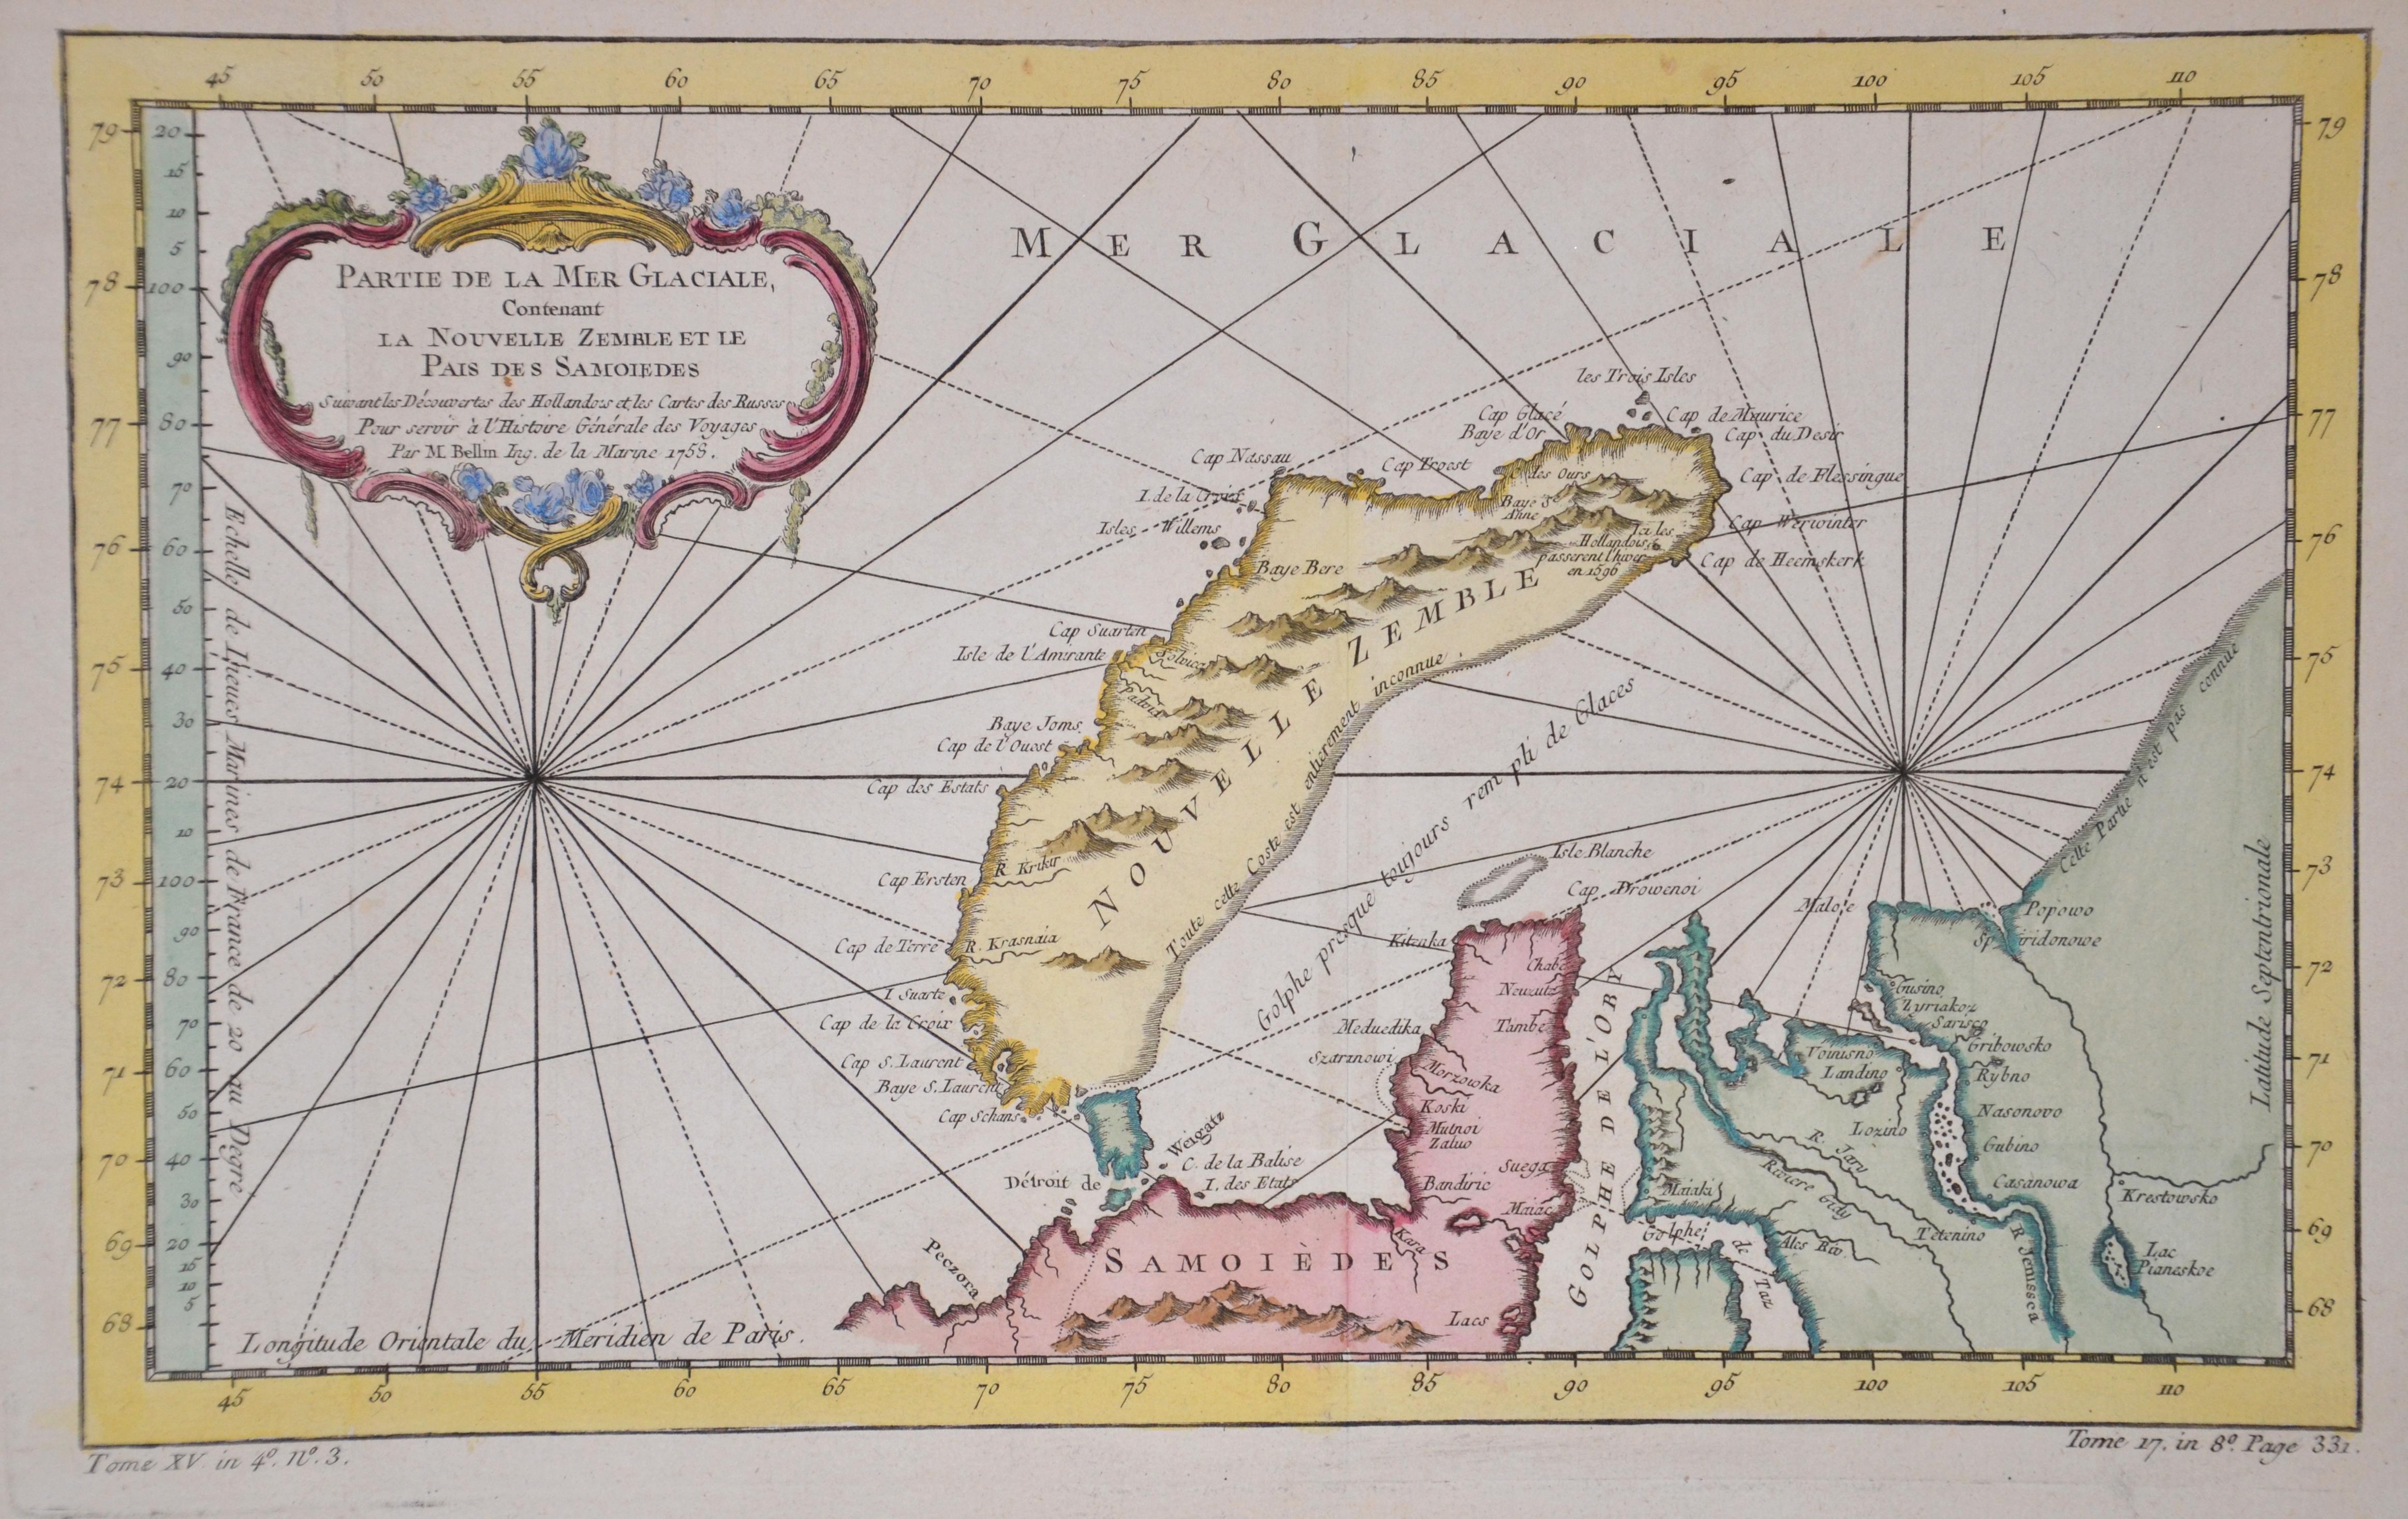 Bellin  Partie de la Mer Glaciale, Contenant la Nouvelle Zemble et le Pais des Samoides